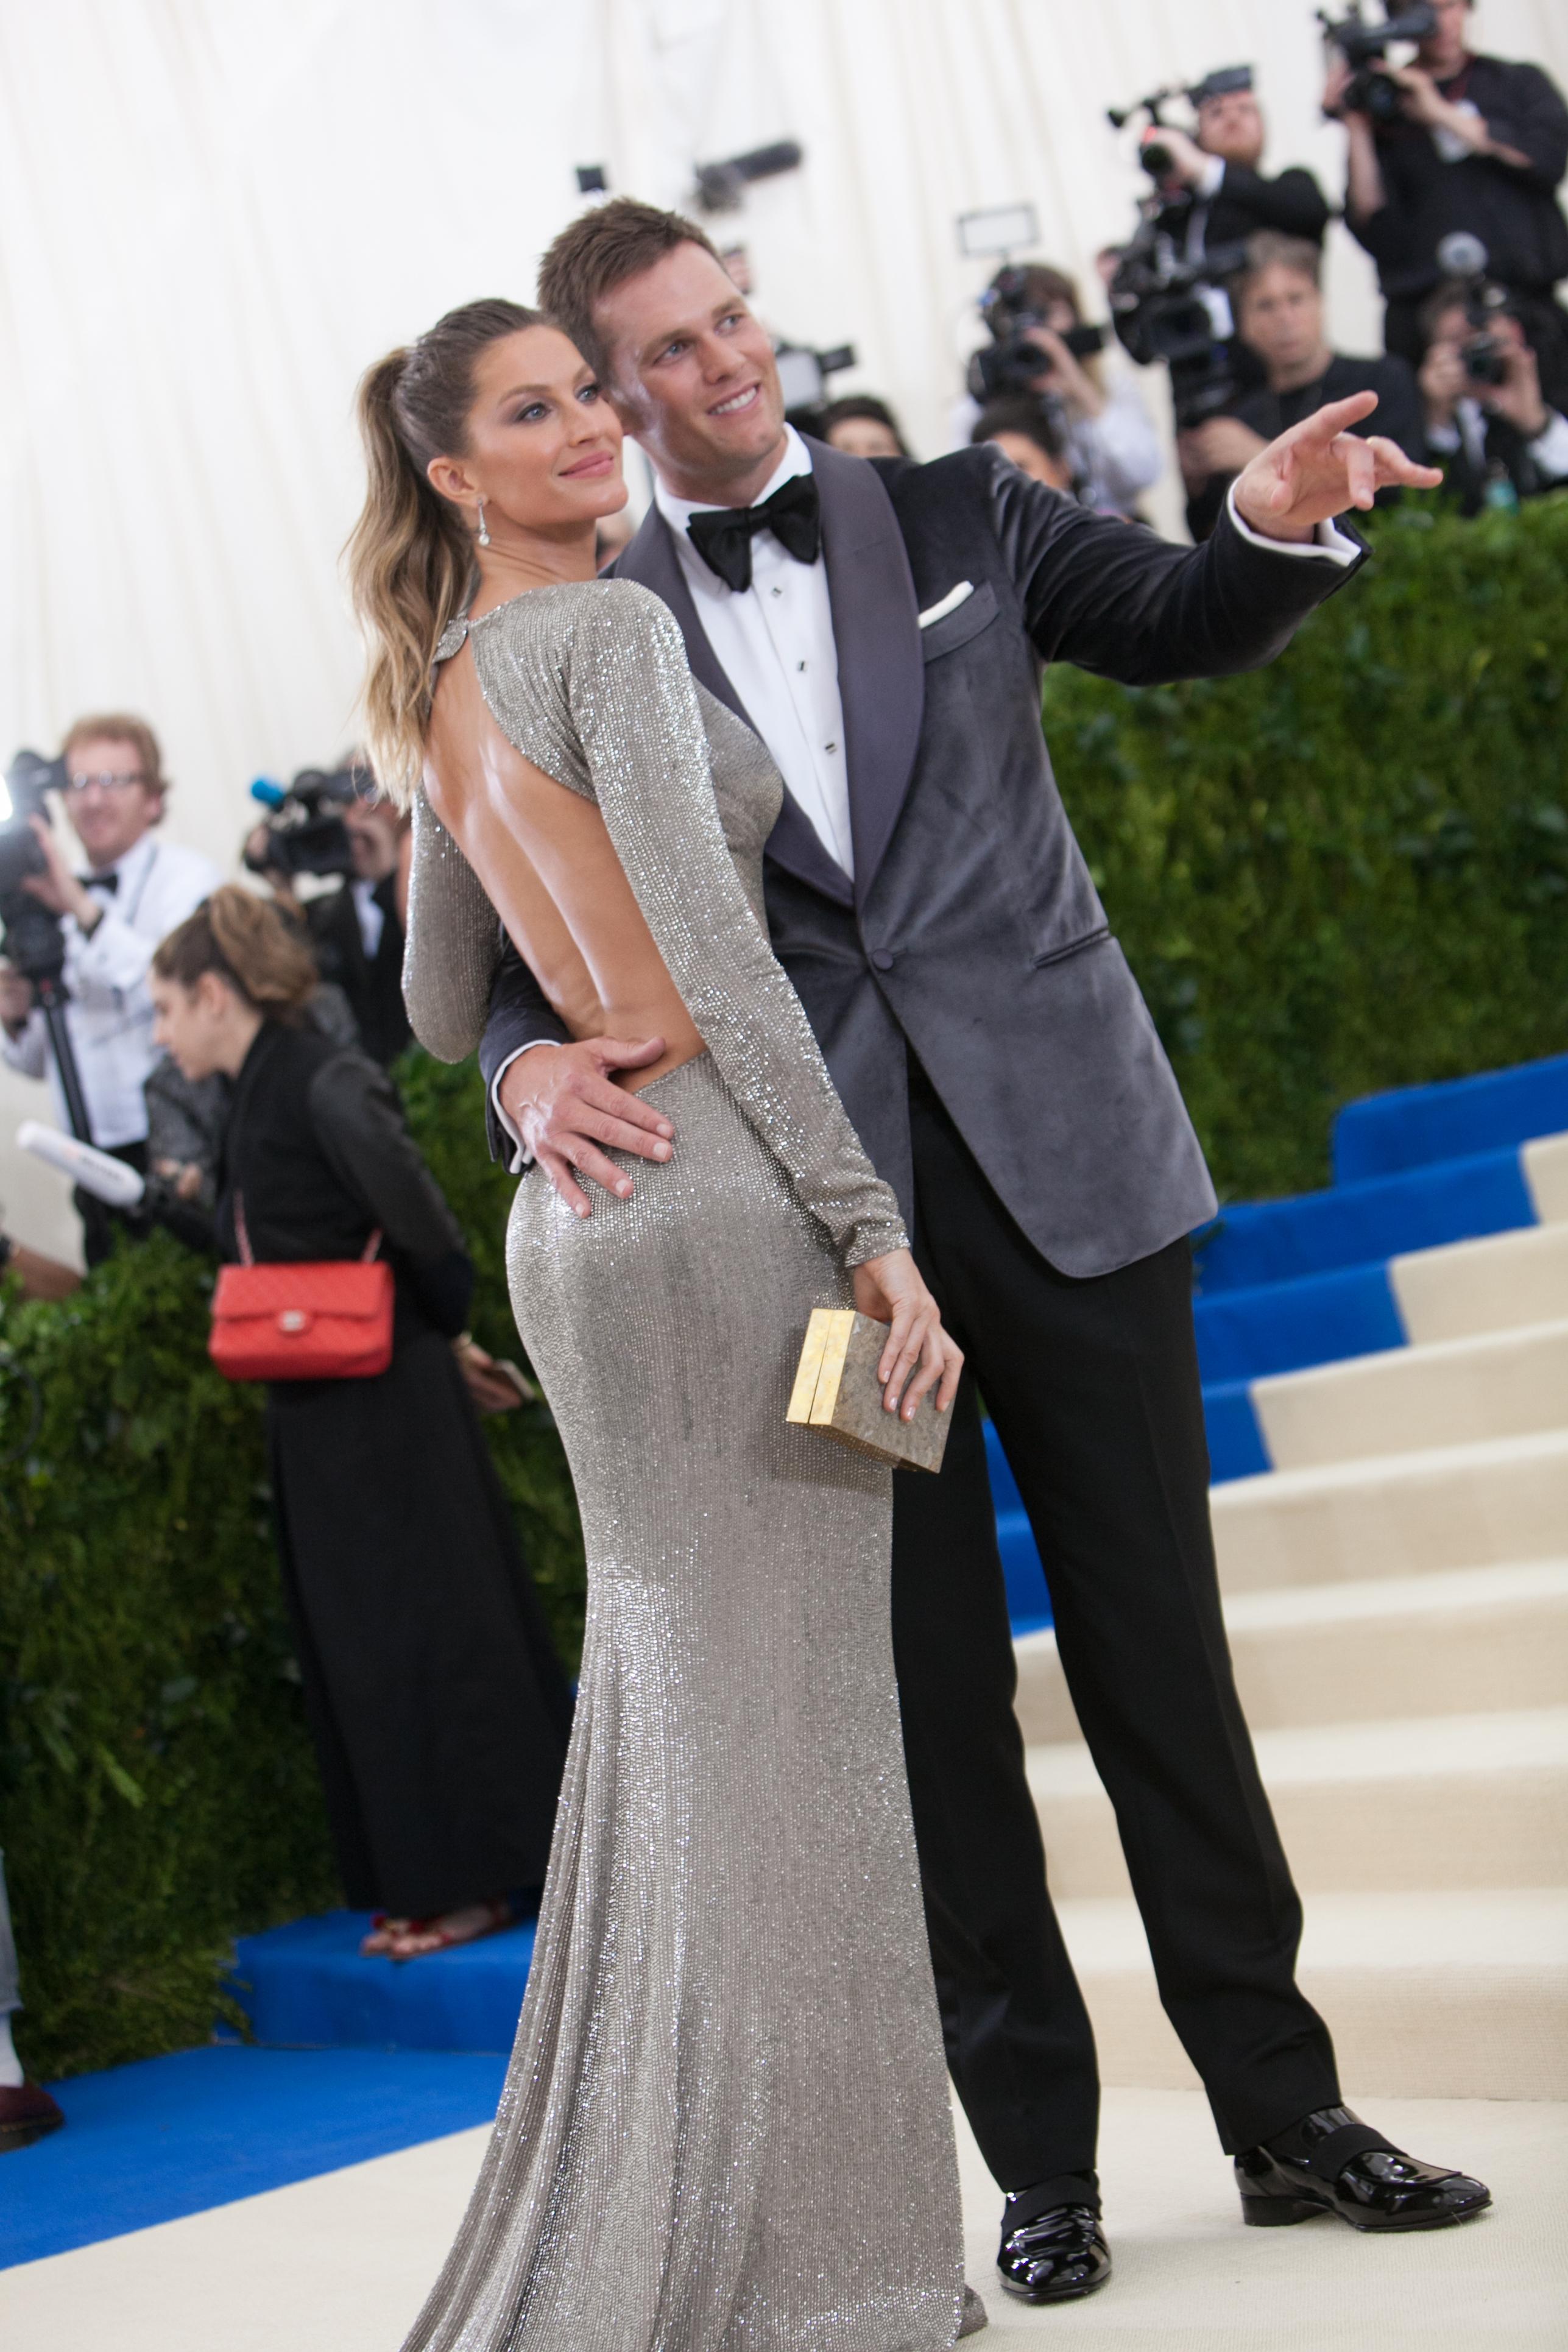 Gisele Bündchen and Tom Brady's Best Style Moments